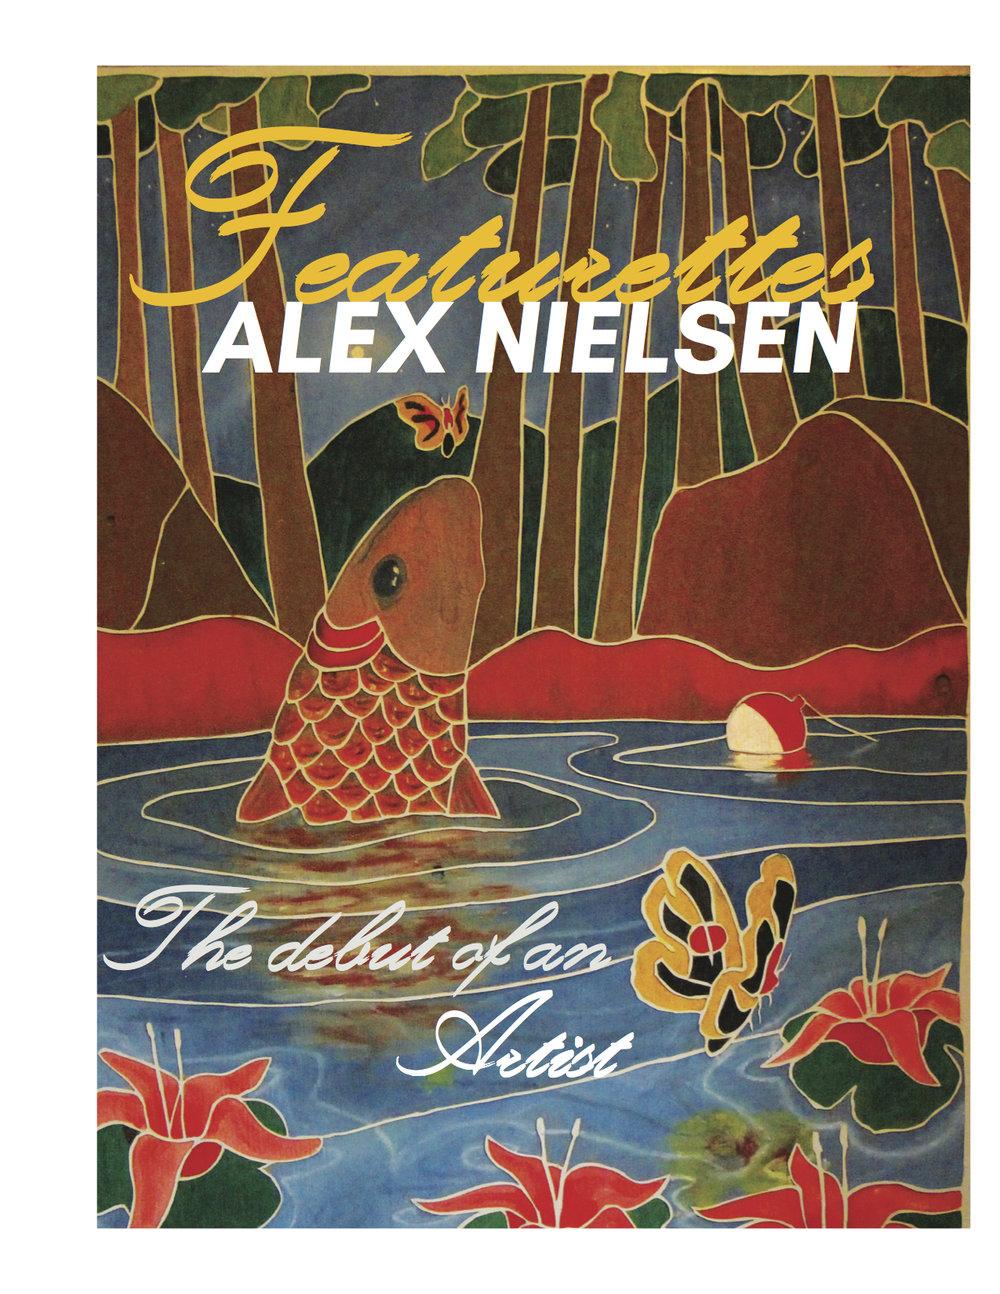 Artis 3 Alex Nielsen Featurette cover.jpg